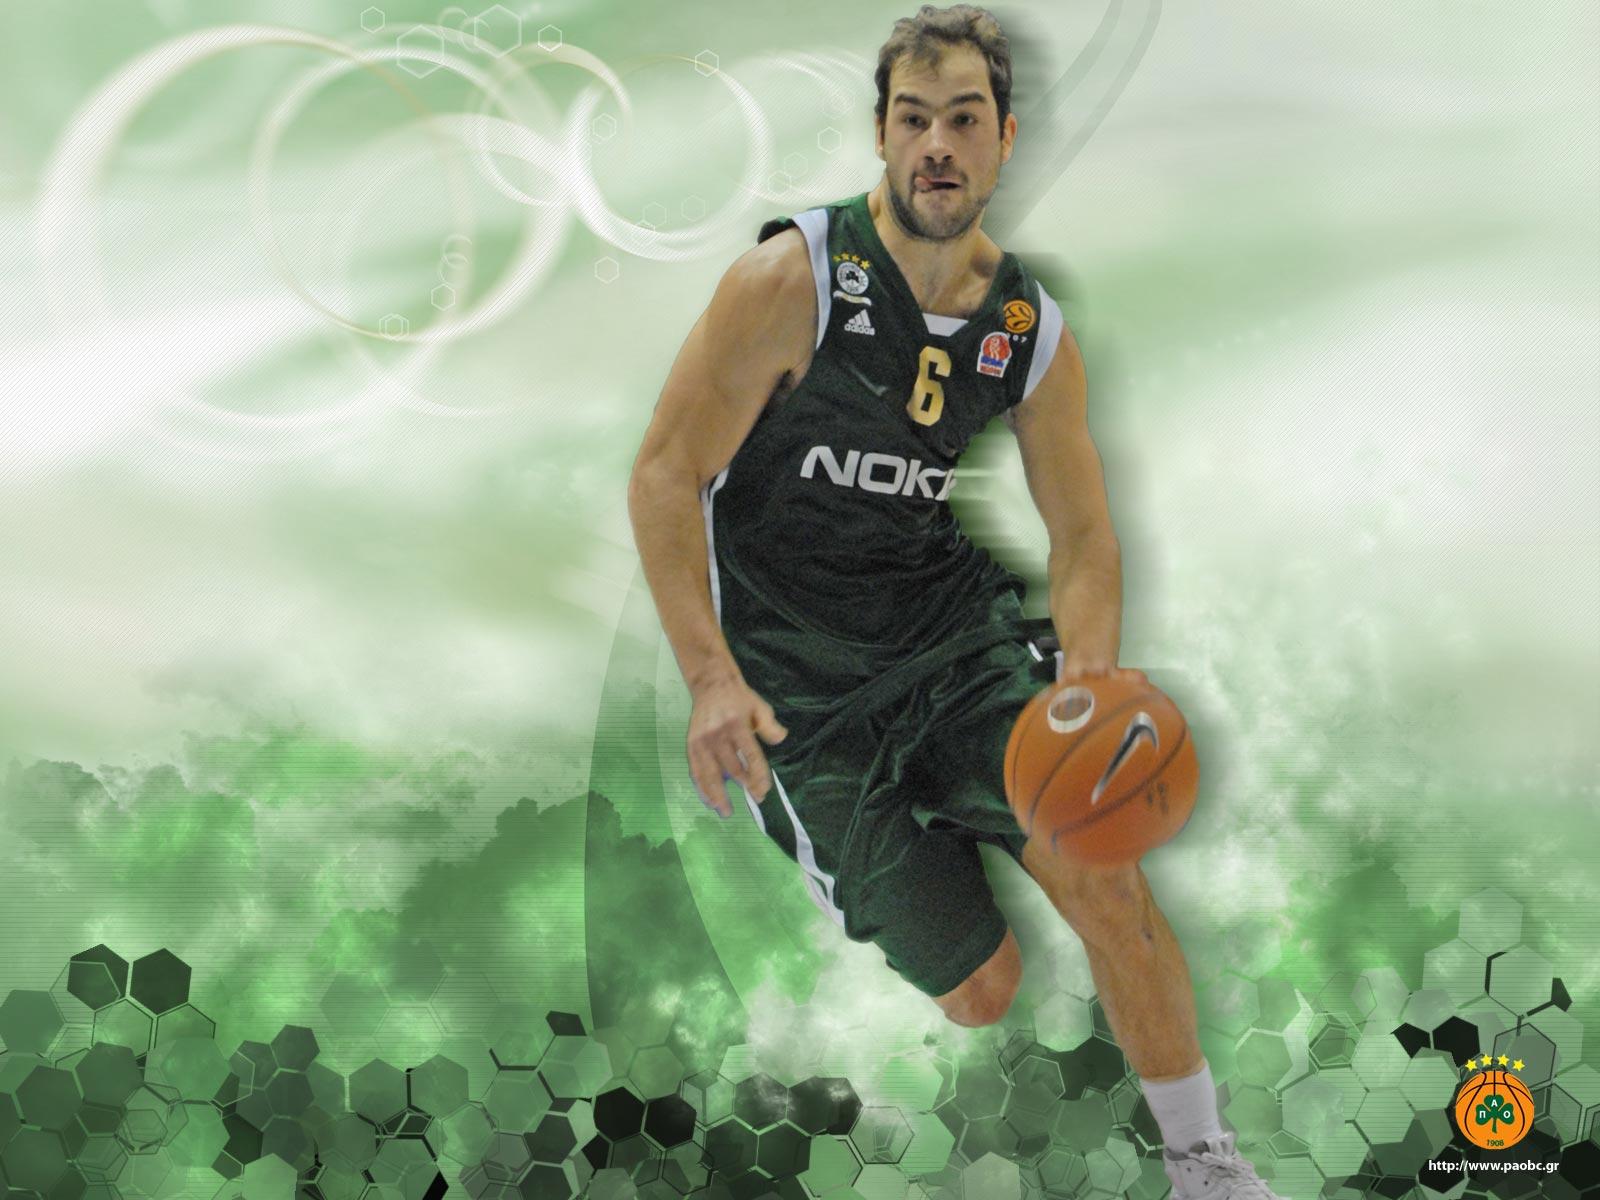 Vasileios Spanoulis PAO Wallpaper